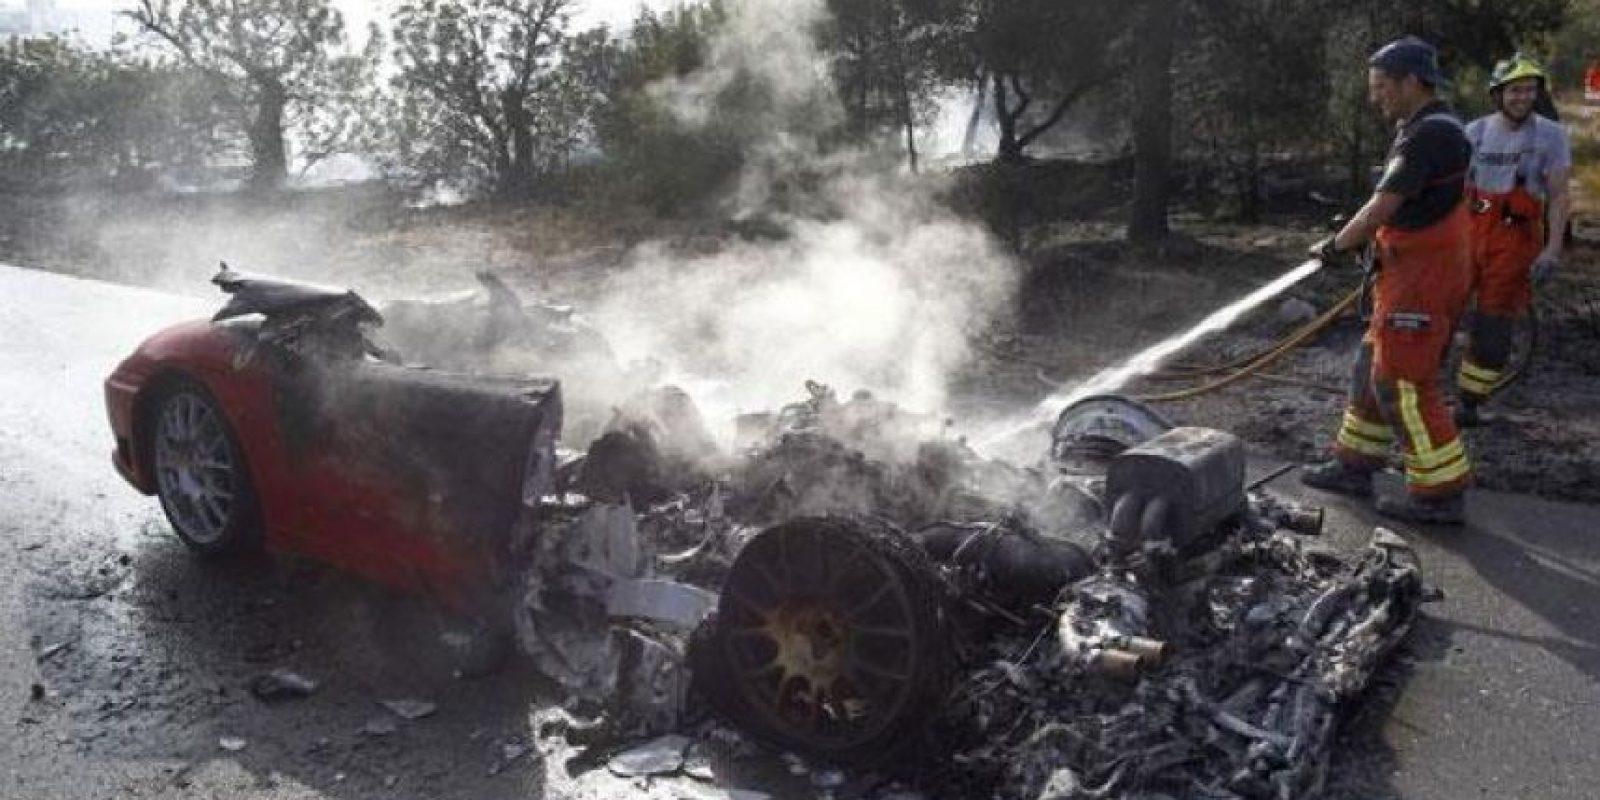 El argentino Ever Banega se dirigía al entrenamiento del Valencia a bordo de su Ferrari cuando estrelló el auto en las proximidades de la Ciudad Deportiva de Paterna. Banega salió ileso, pero el automóvil se quemó y casi no quedó nada de él. Foto:Vía twitter.com/jmrodriguez11